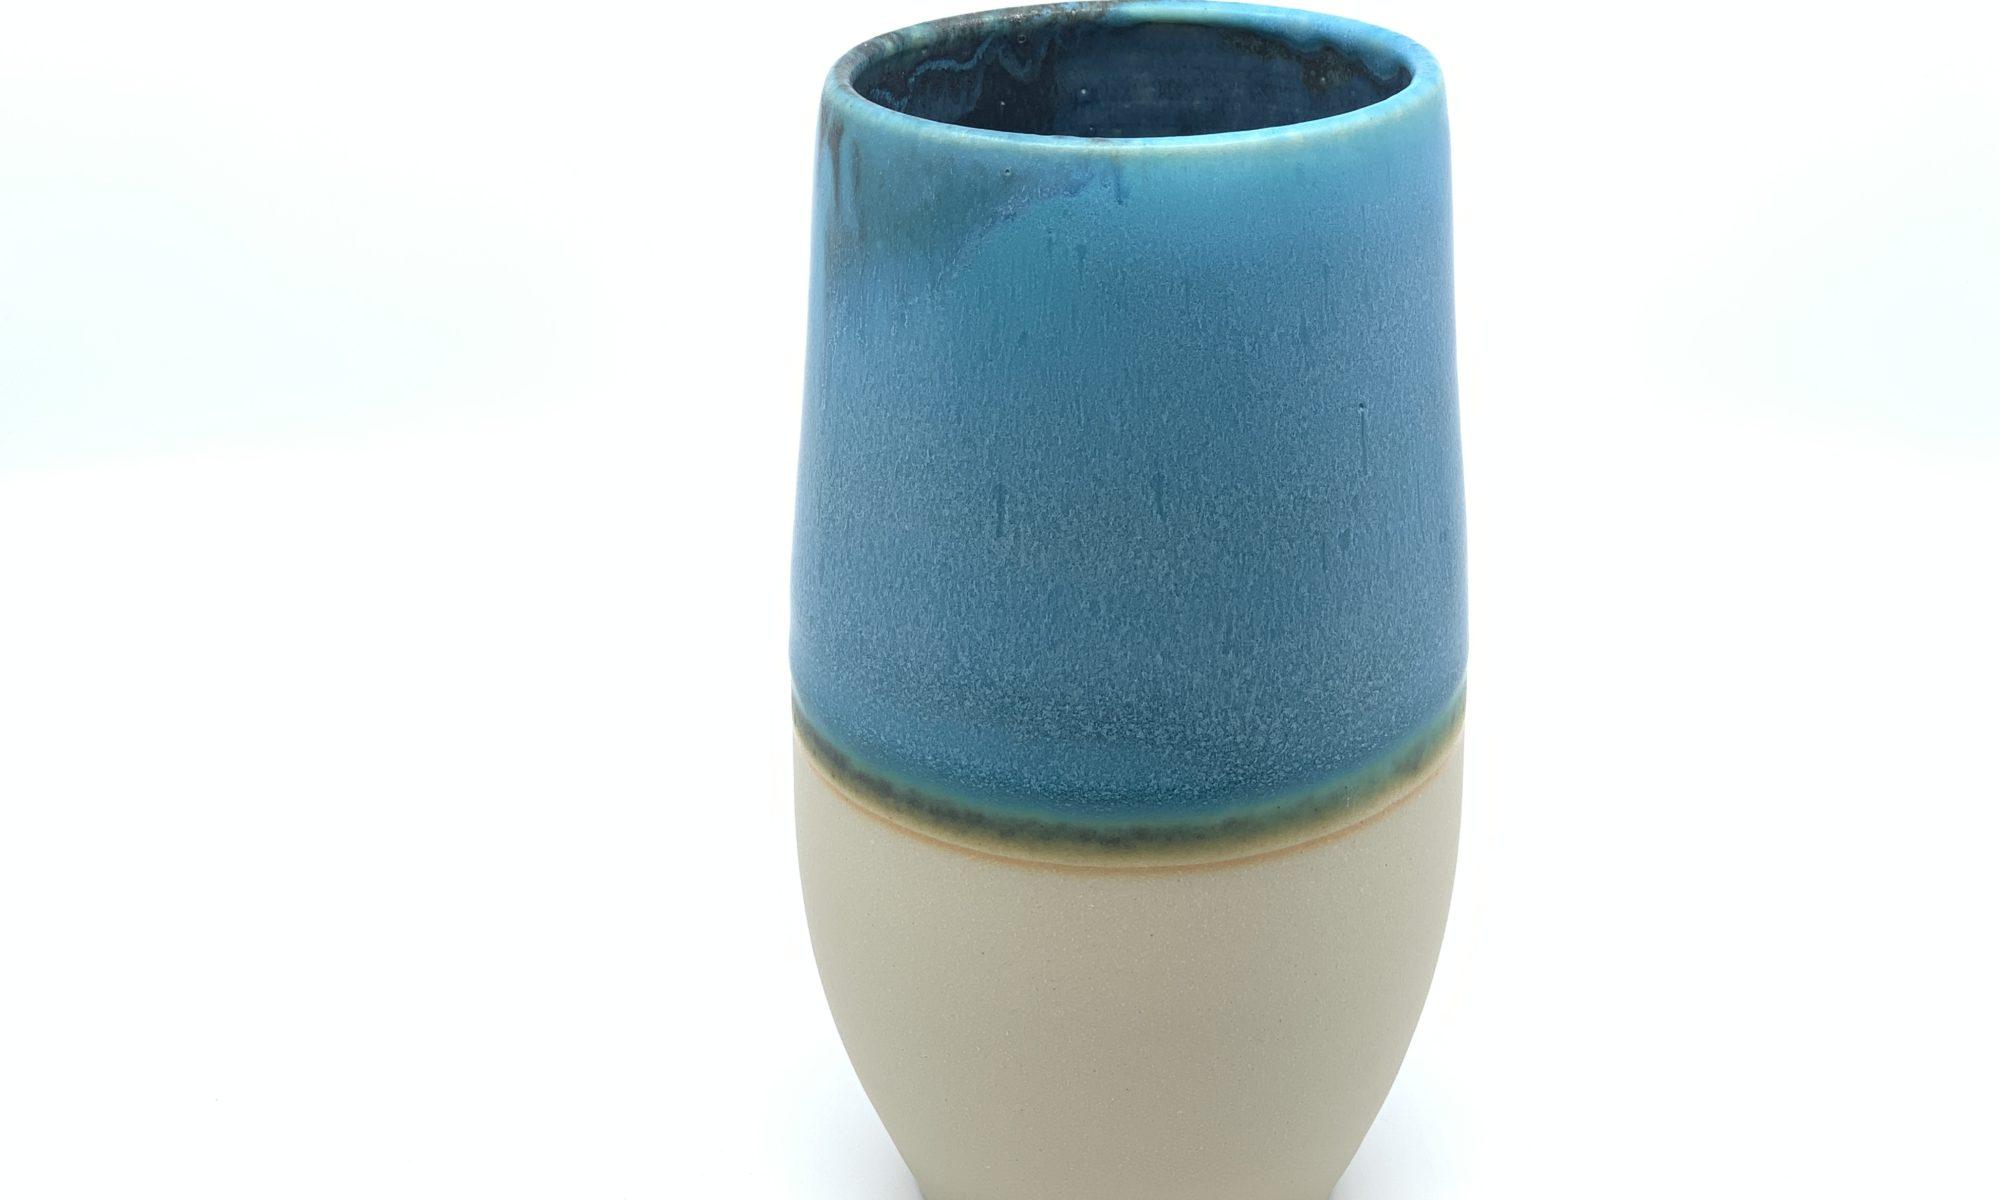 Keramik in Türkis